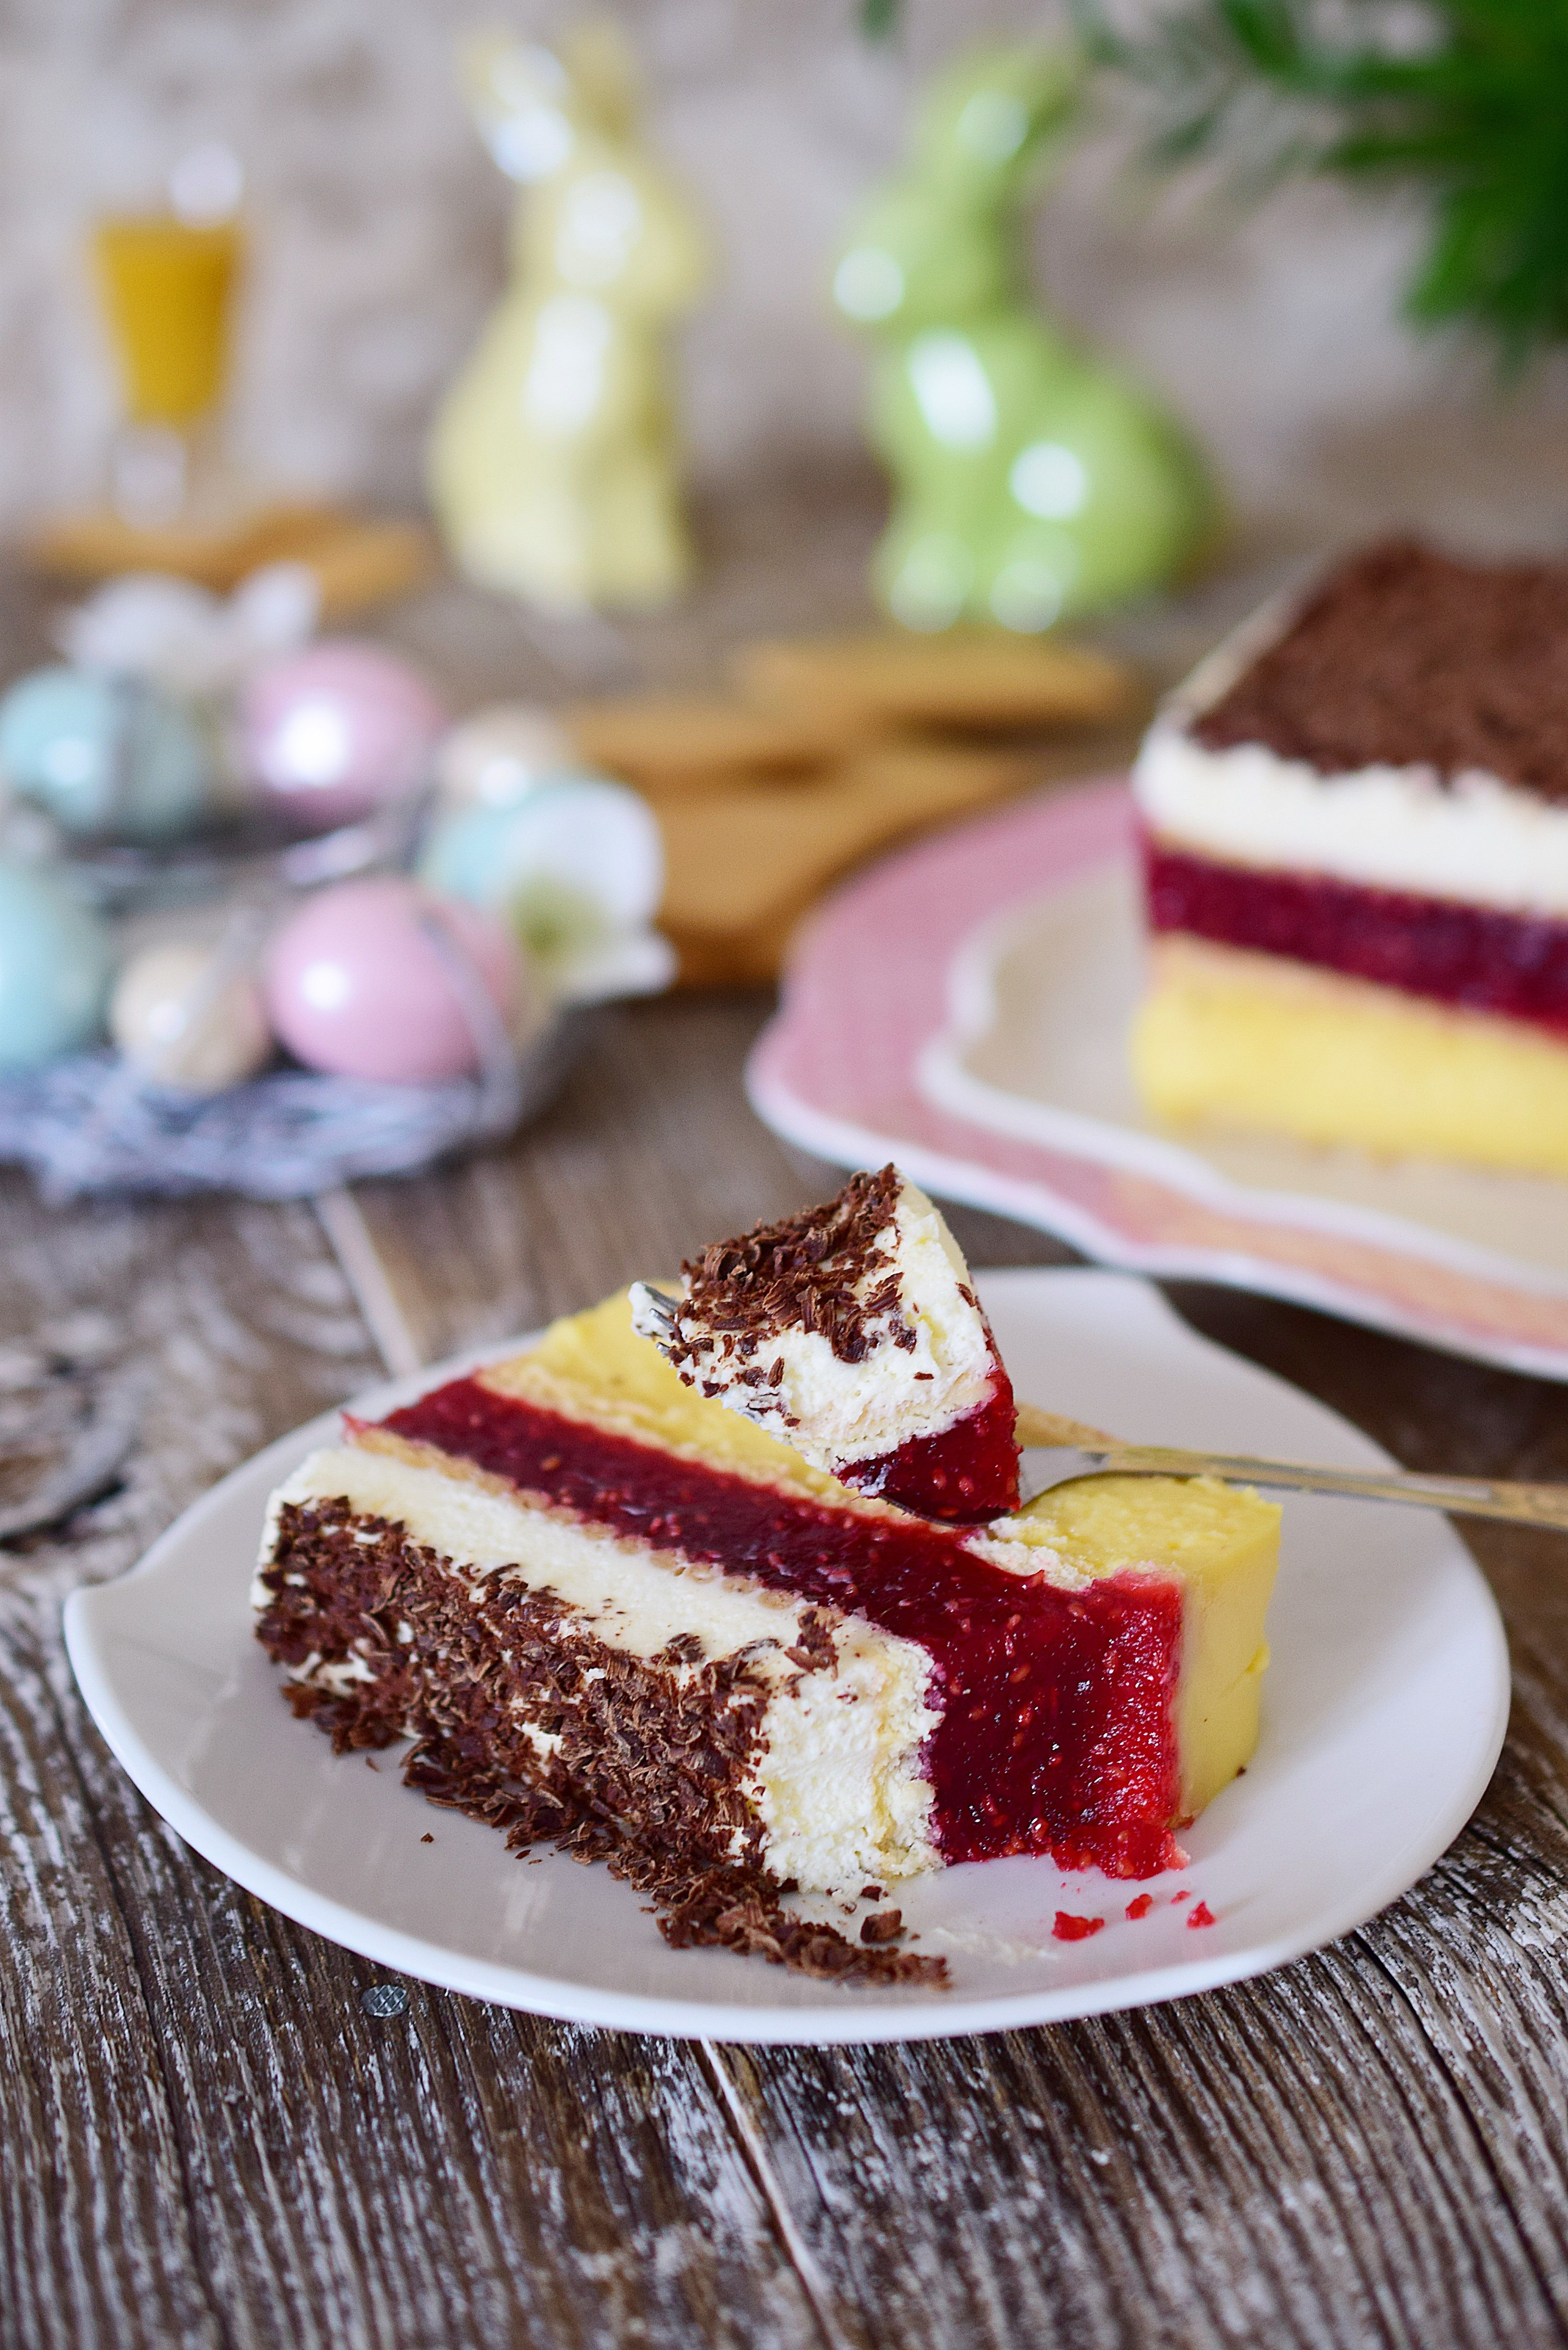 Malinowy Adwokatek Bez Pieczenia Recipe Desserts Cake Recipes Homemade Recipes